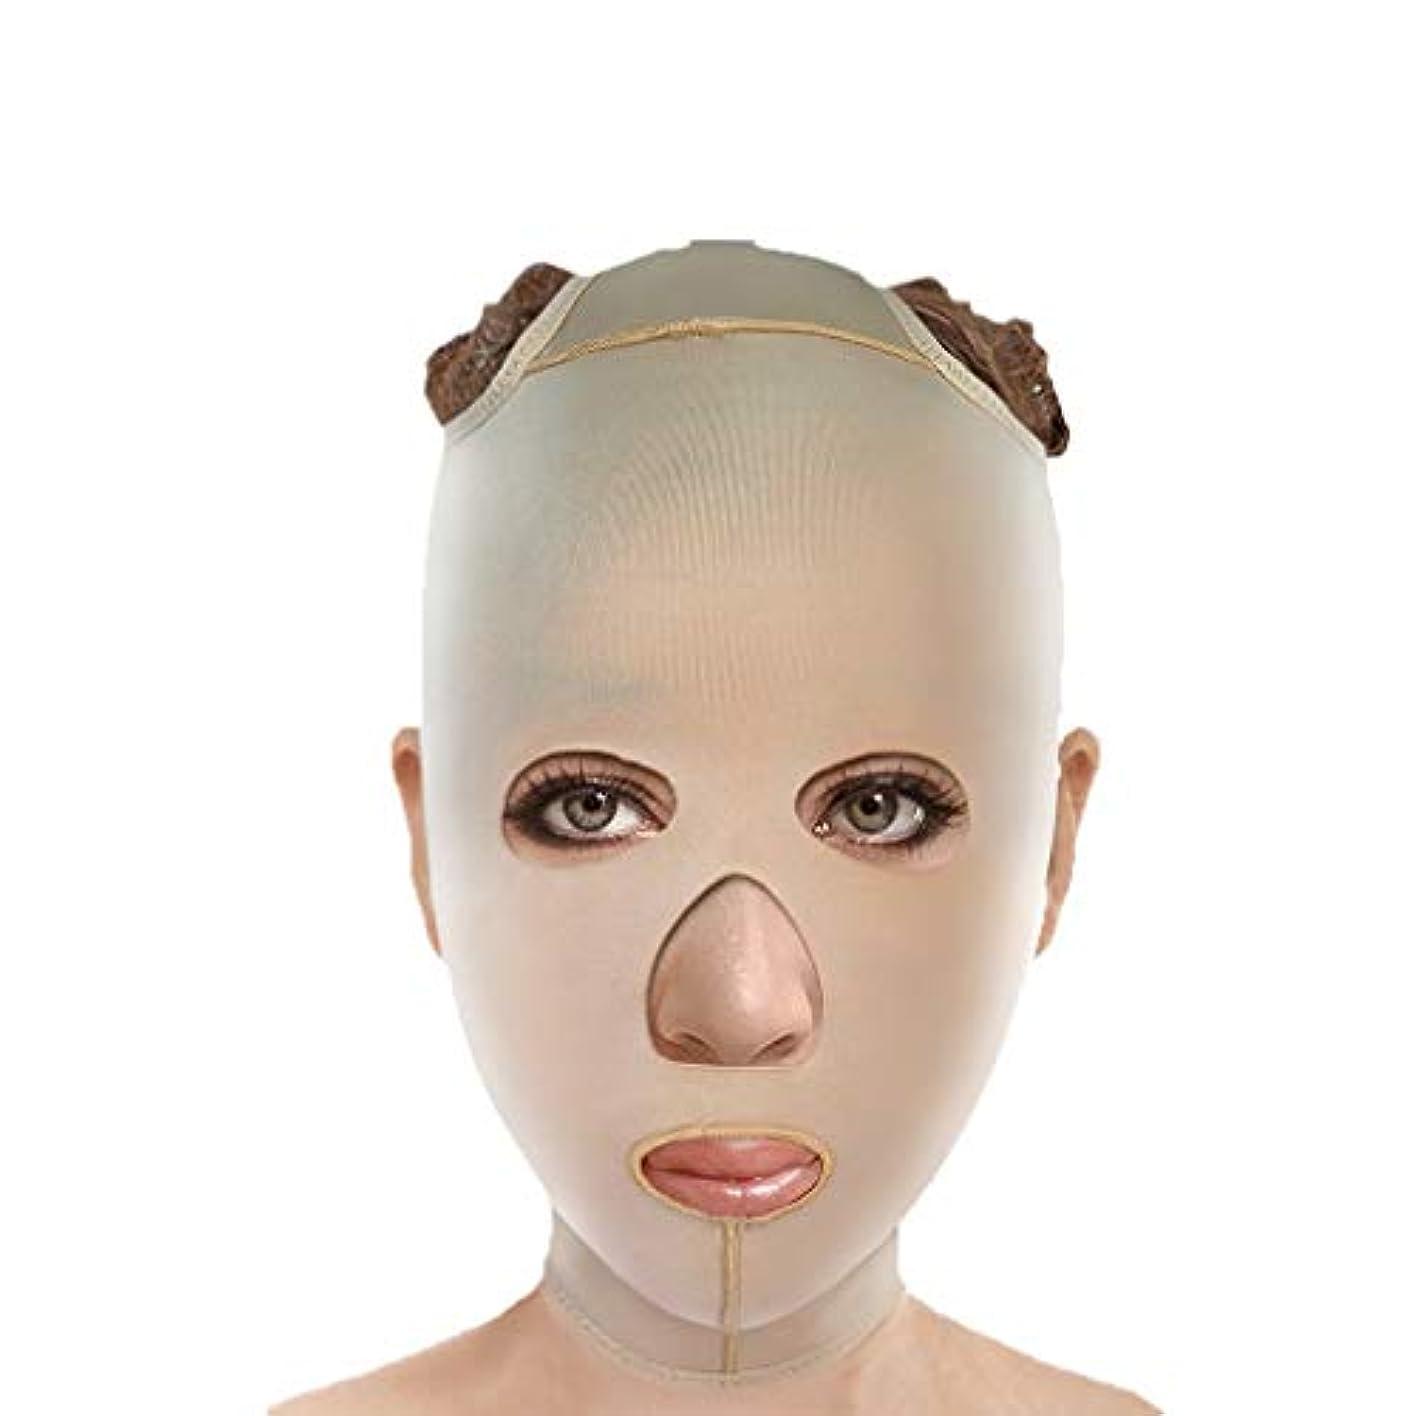 ゼロ解説好むXHLMRMJ あごのストラップ、フェイスリフティング、アンチエイジングフェイシャルバンデージ、フェイシャル減量マスク、ファーミングマスク、フェイシャルリフティングアーティファクト (Size : L)